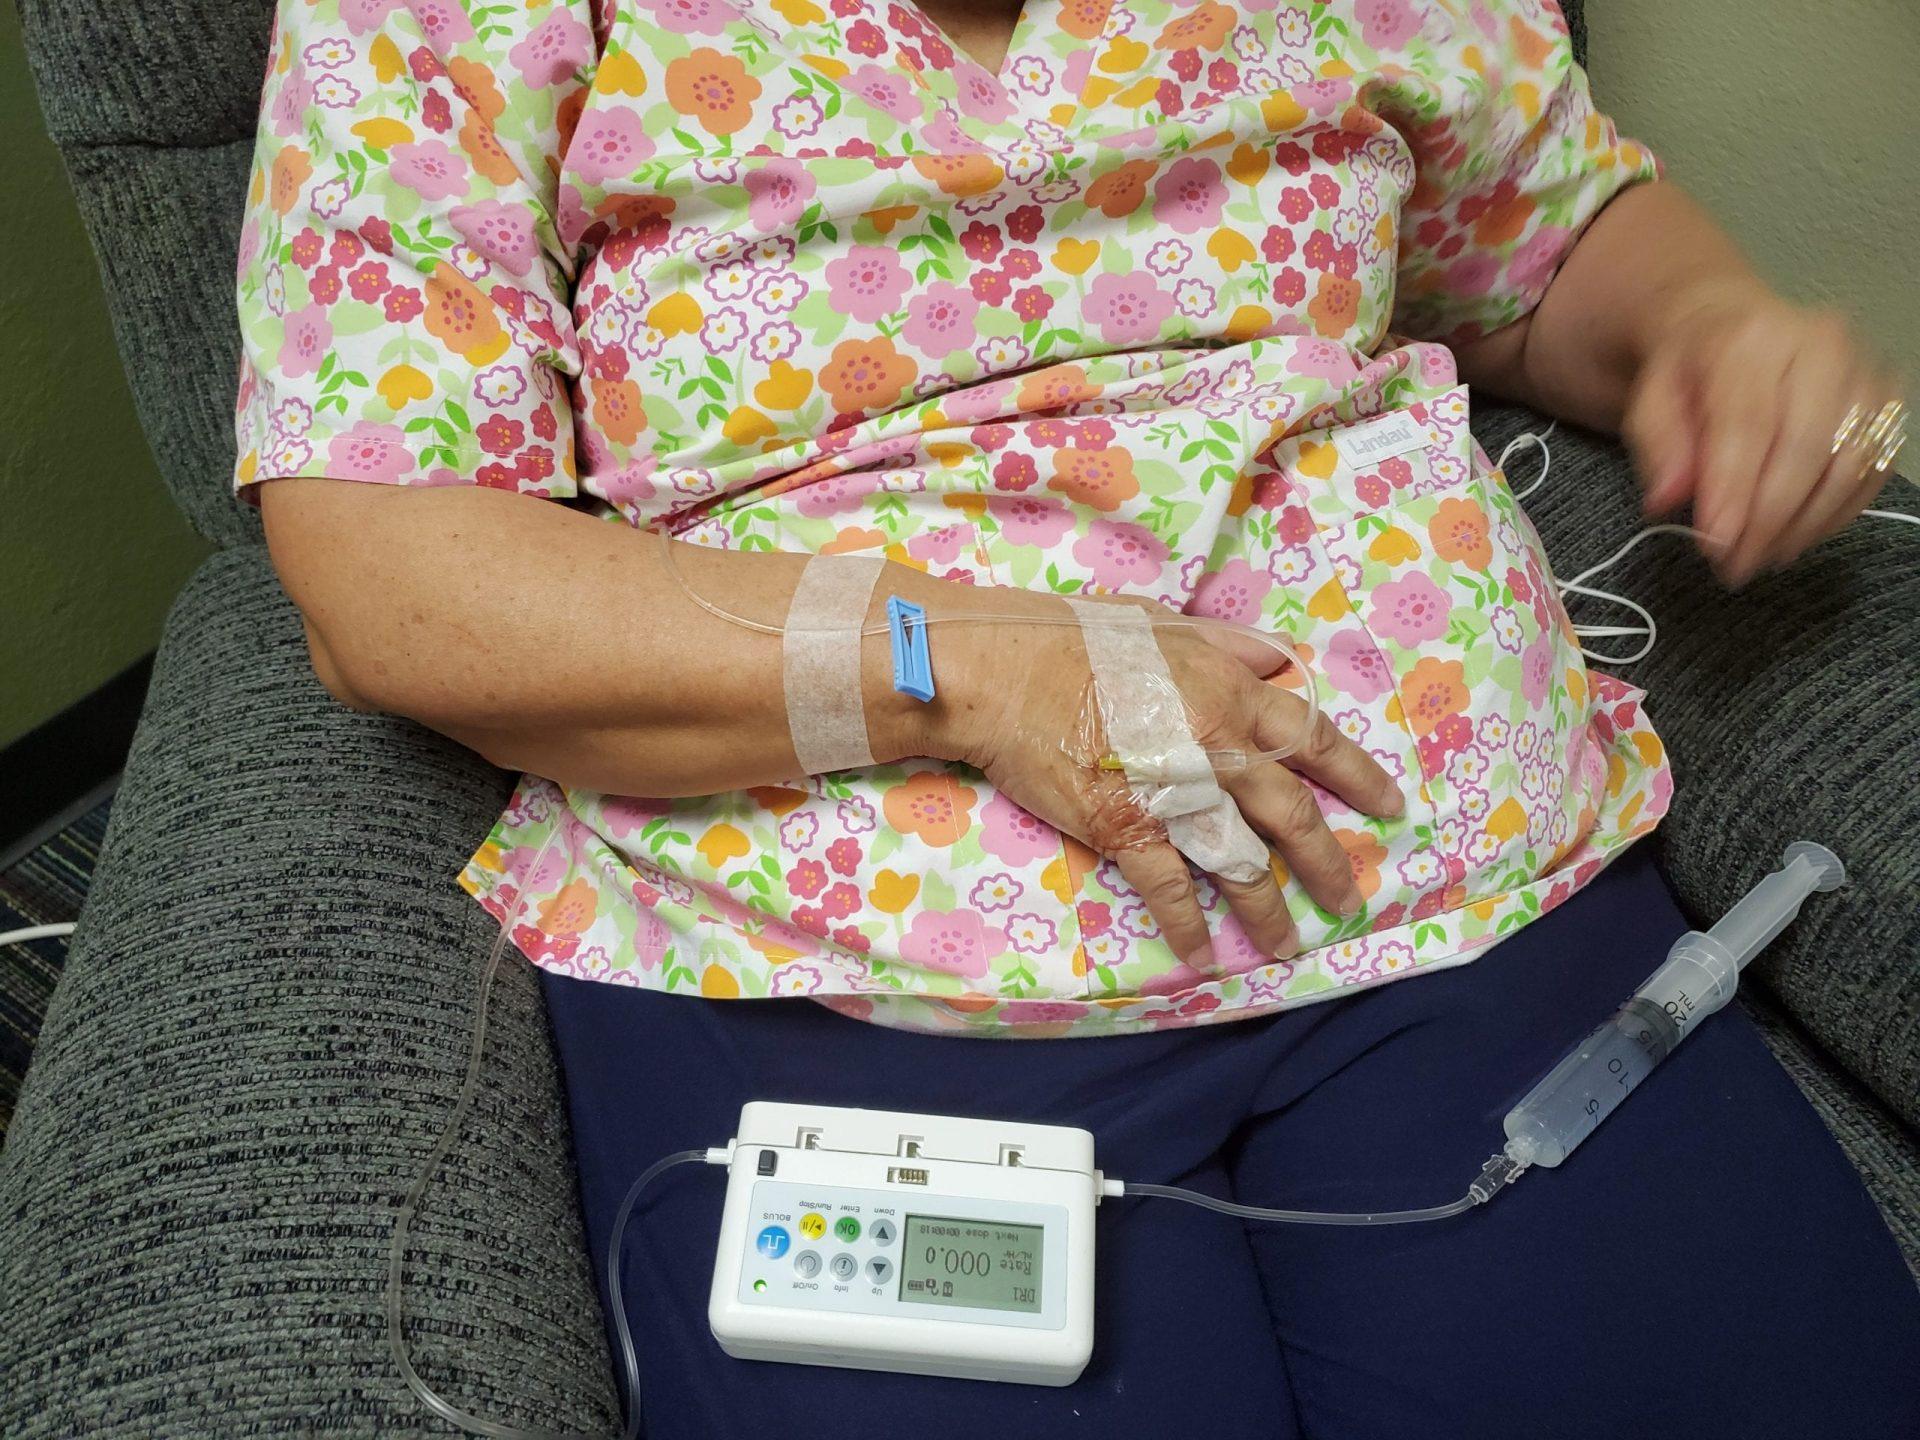 diabetes relief patient in recliner